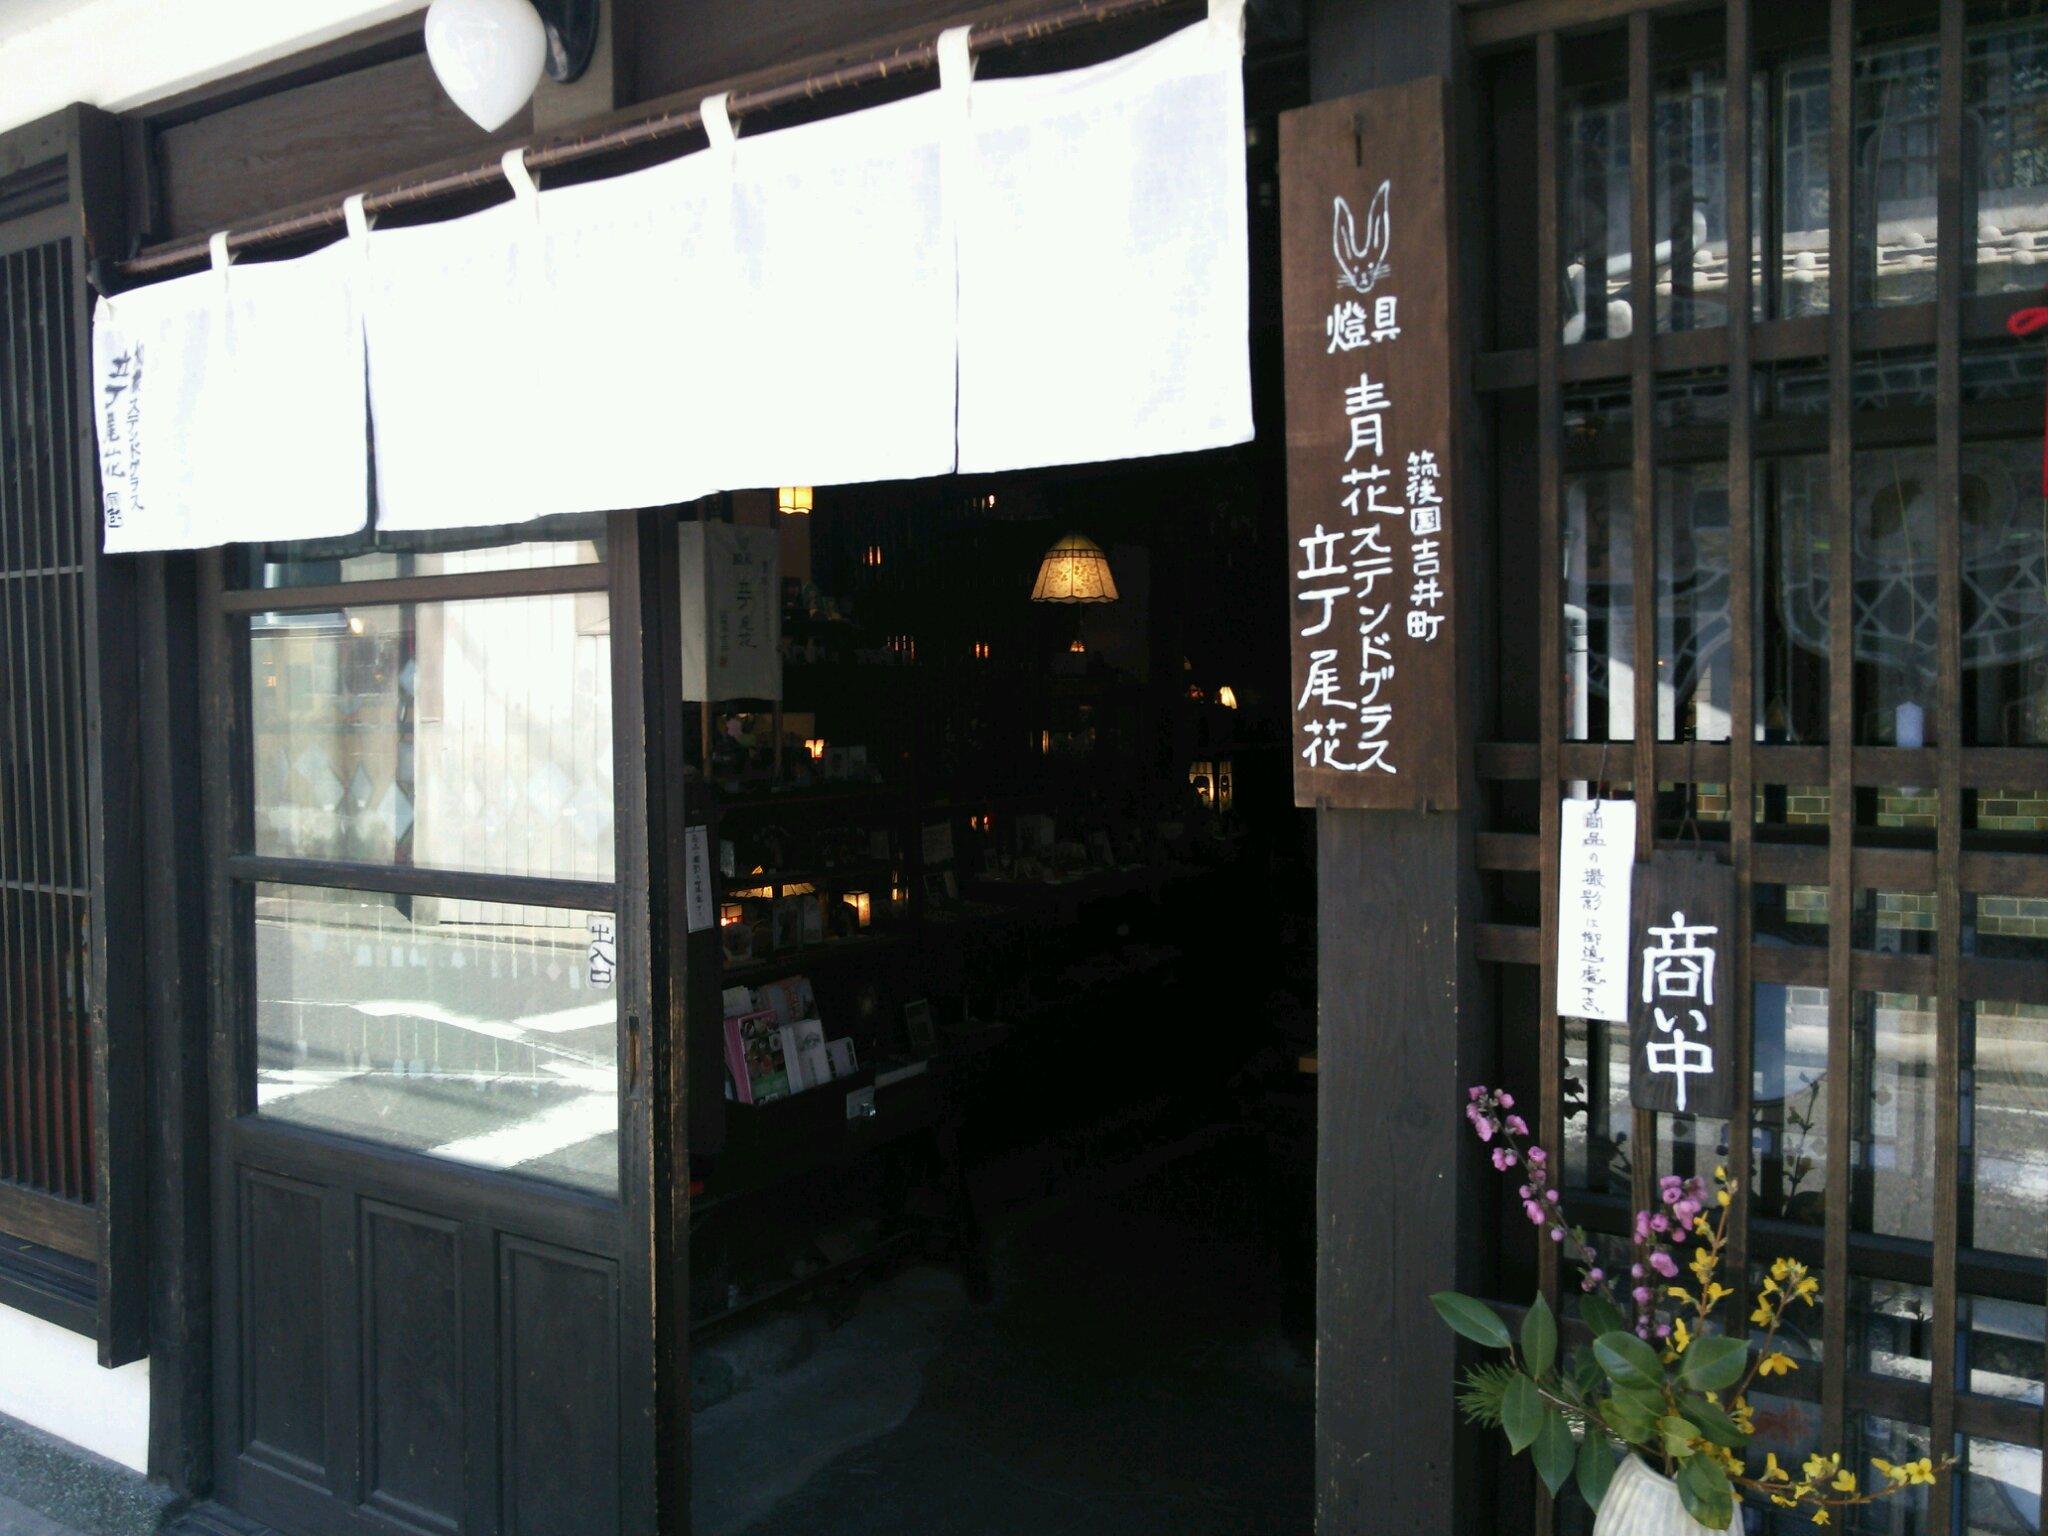 吉井 散策(青花ステンドグラス  立丁尾花)